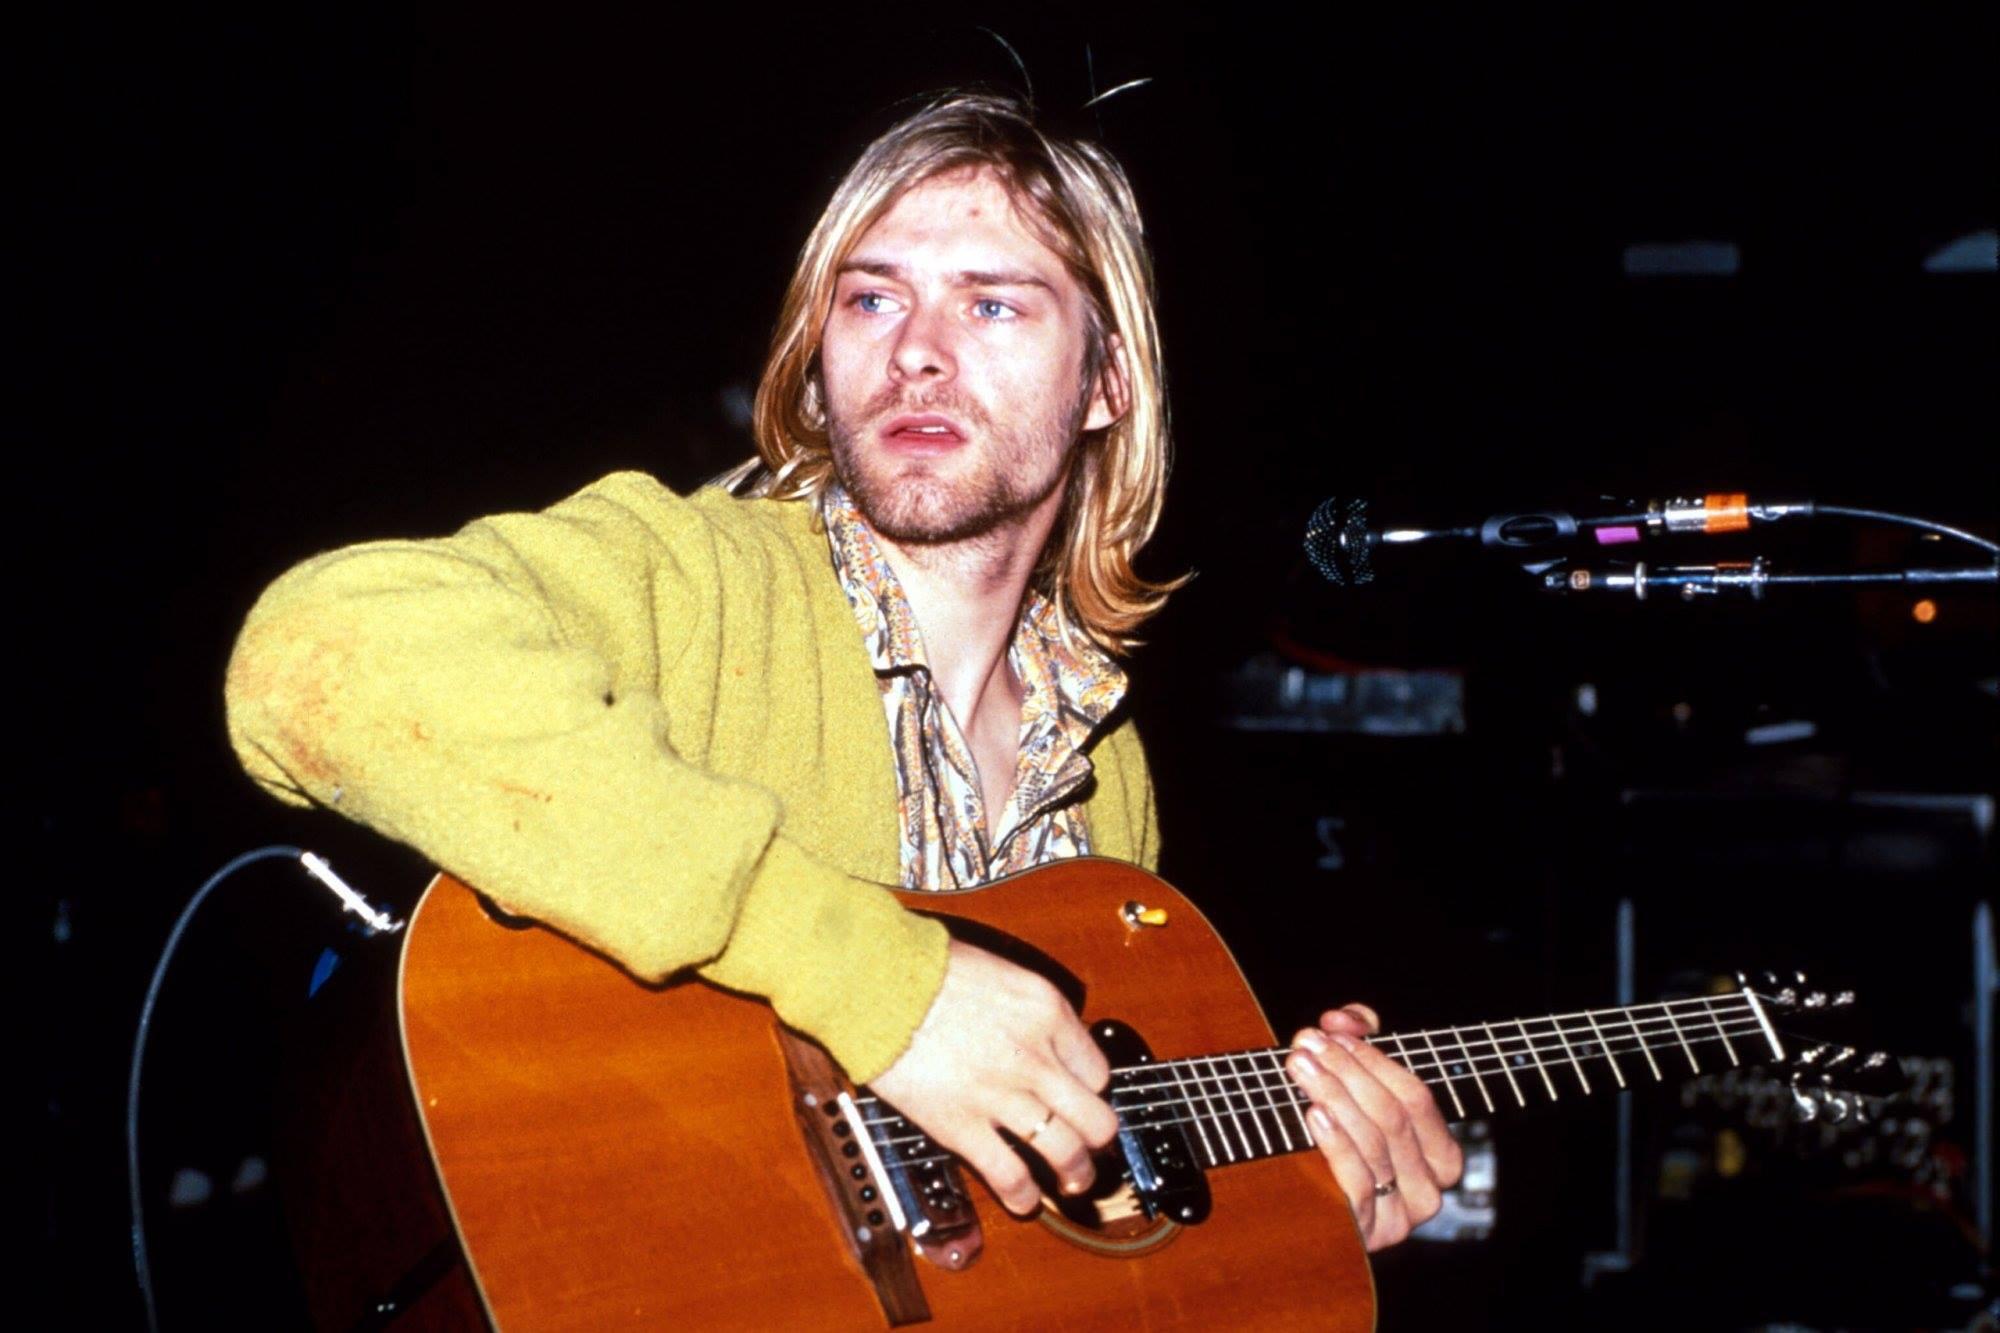 Gli anni 90 rivivono all'EstatOff con il documentario sul leader dei Nirvana